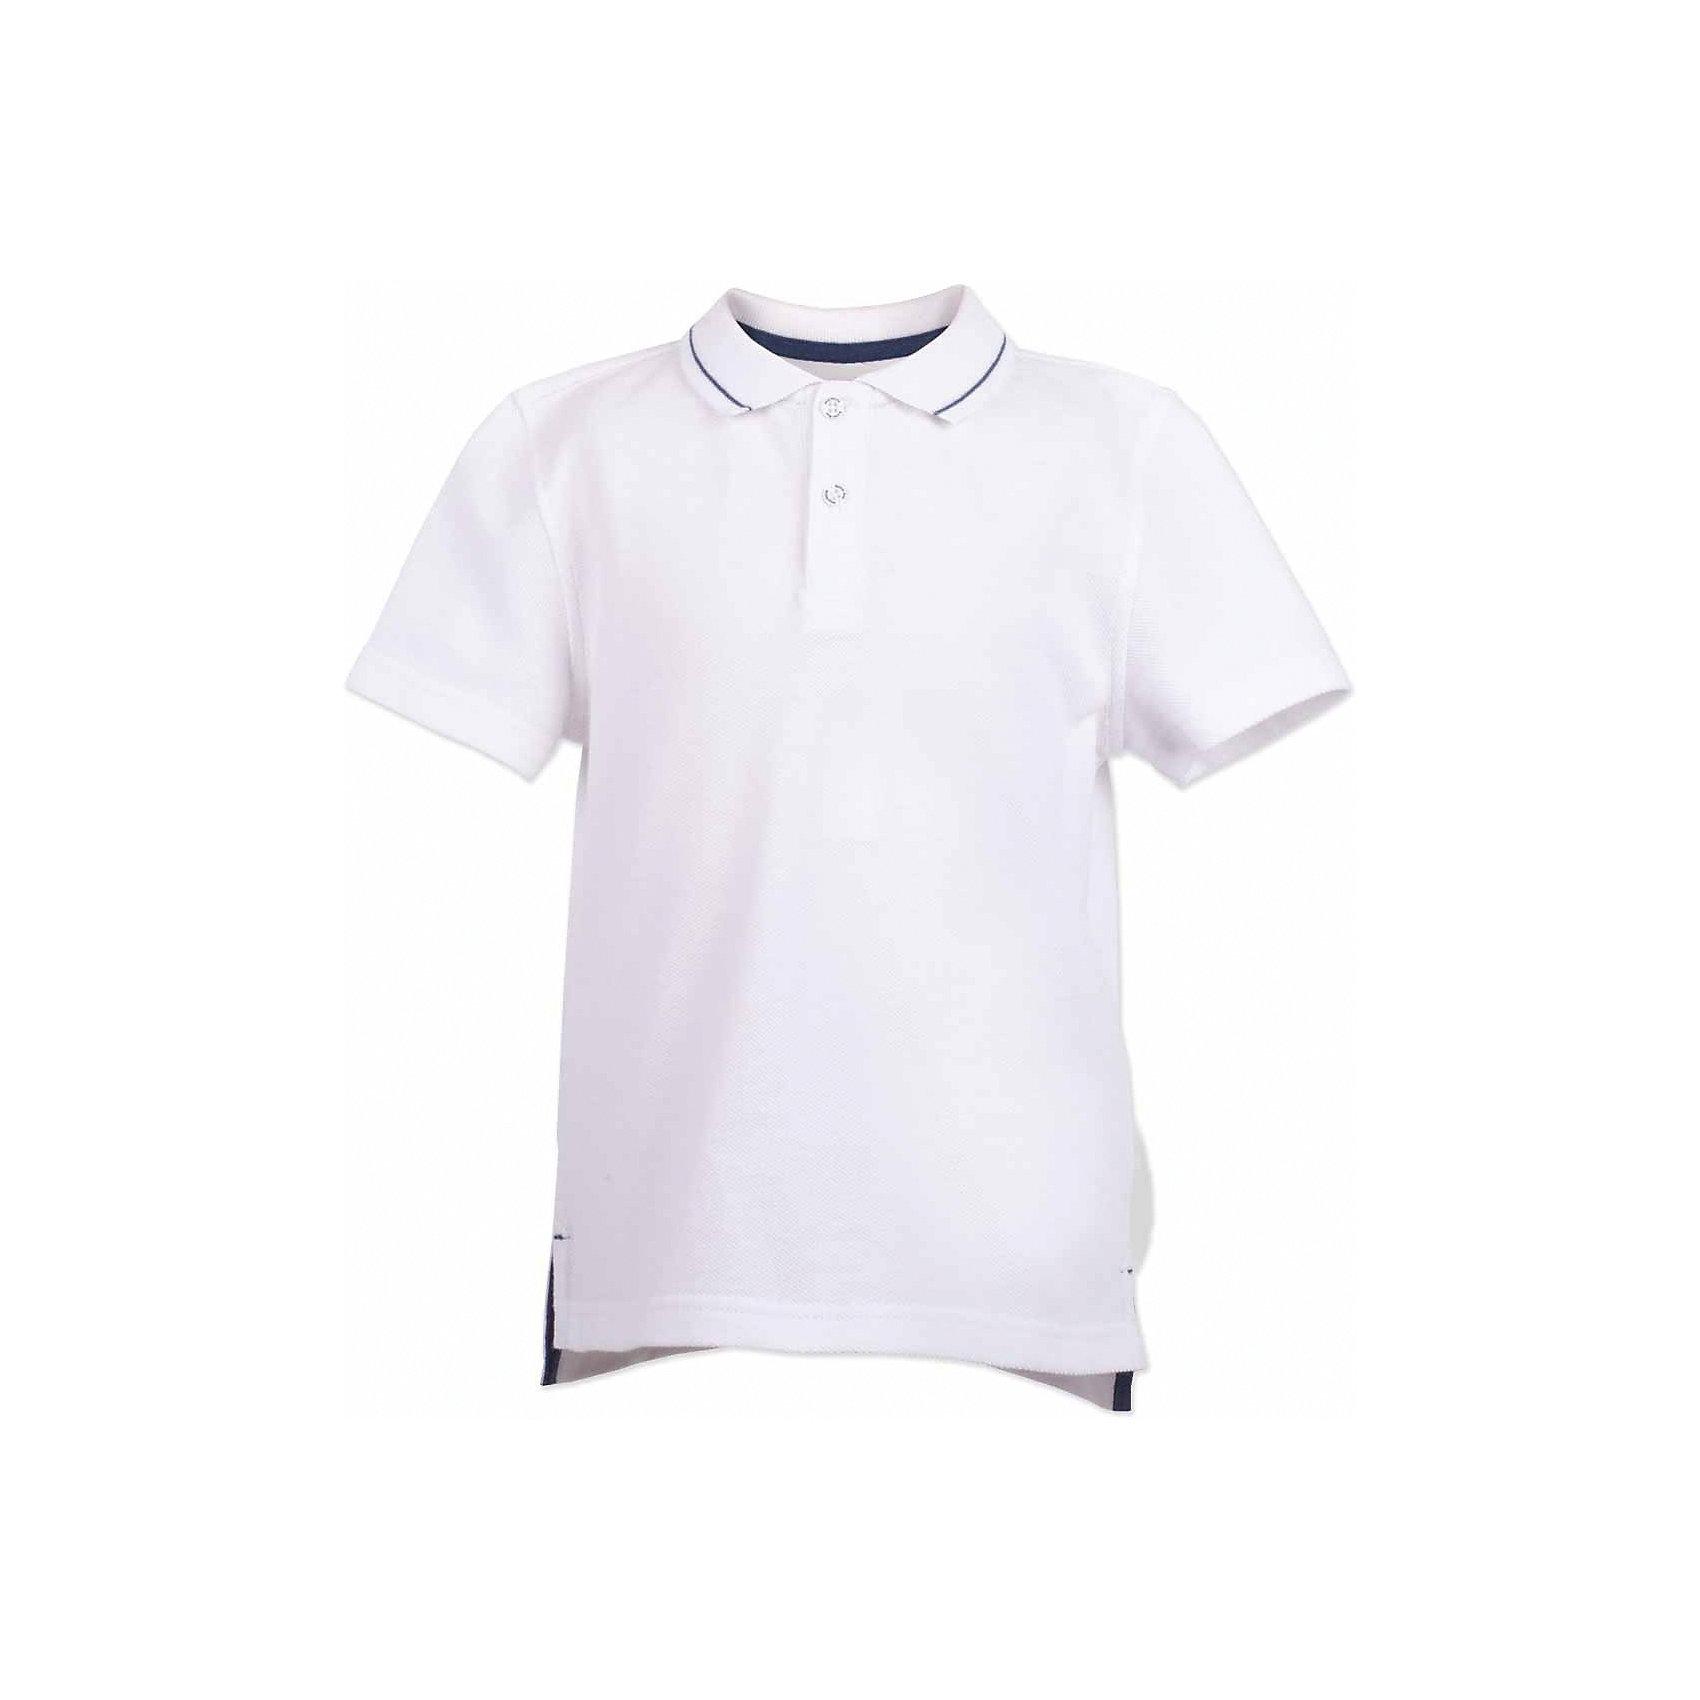 Футболка-поло для мальчика  BUTTON BLUEФутболки, поло и топы<br>Поло для мальчика  BUTTON BLUE<br>Белая футболка-поло - изделие из разряда must have! Это не только базовая вещь в гардеробе ребенка, но и залог хорошего летнего настроения! Если вы решили купить недорогую  футболку-поло для мальчика, выберете модель от Button Blue, и ваш ребенок будет доволен! Низкая цена не окажет влияния на бюджет семьи, позволив создать интересный базовый гардероб для долгожданных каникул!<br>Состав:<br>100%  хлопок<br><br>Ширина мм: 199<br>Глубина мм: 10<br>Высота мм: 161<br>Вес г: 151<br>Цвет: белый<br>Возраст от месяцев: 120<br>Возраст до месяцев: 132<br>Пол: Мужской<br>Возраст: Детский<br>Размер: 146,152,158,98,104,110,116,122,128,134,140<br>SKU: 5524344